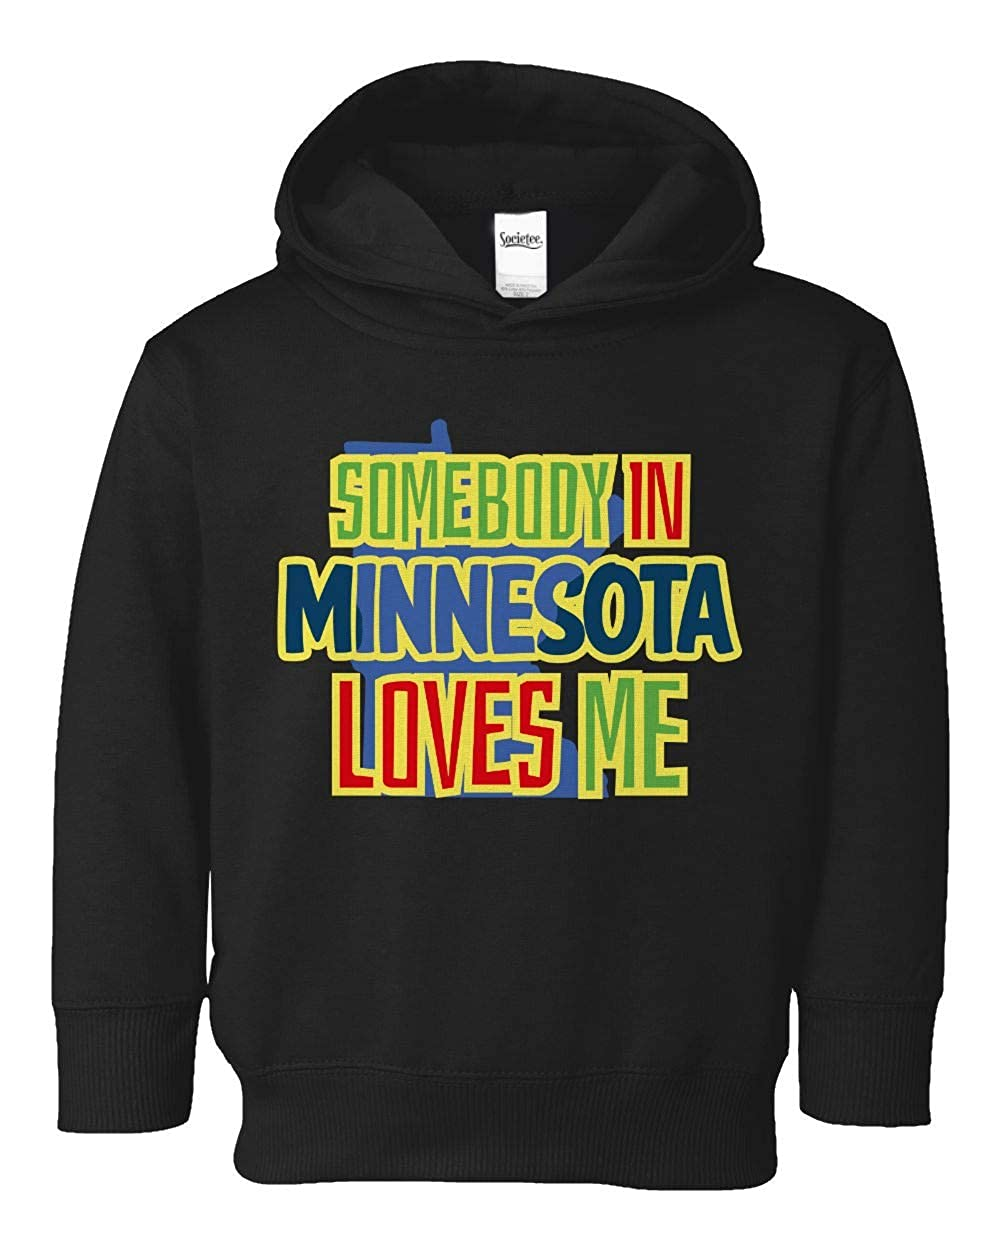 Societee Somebody in Minnesota Loves Me Girls Boys Toddler Hooded Sweatshirt